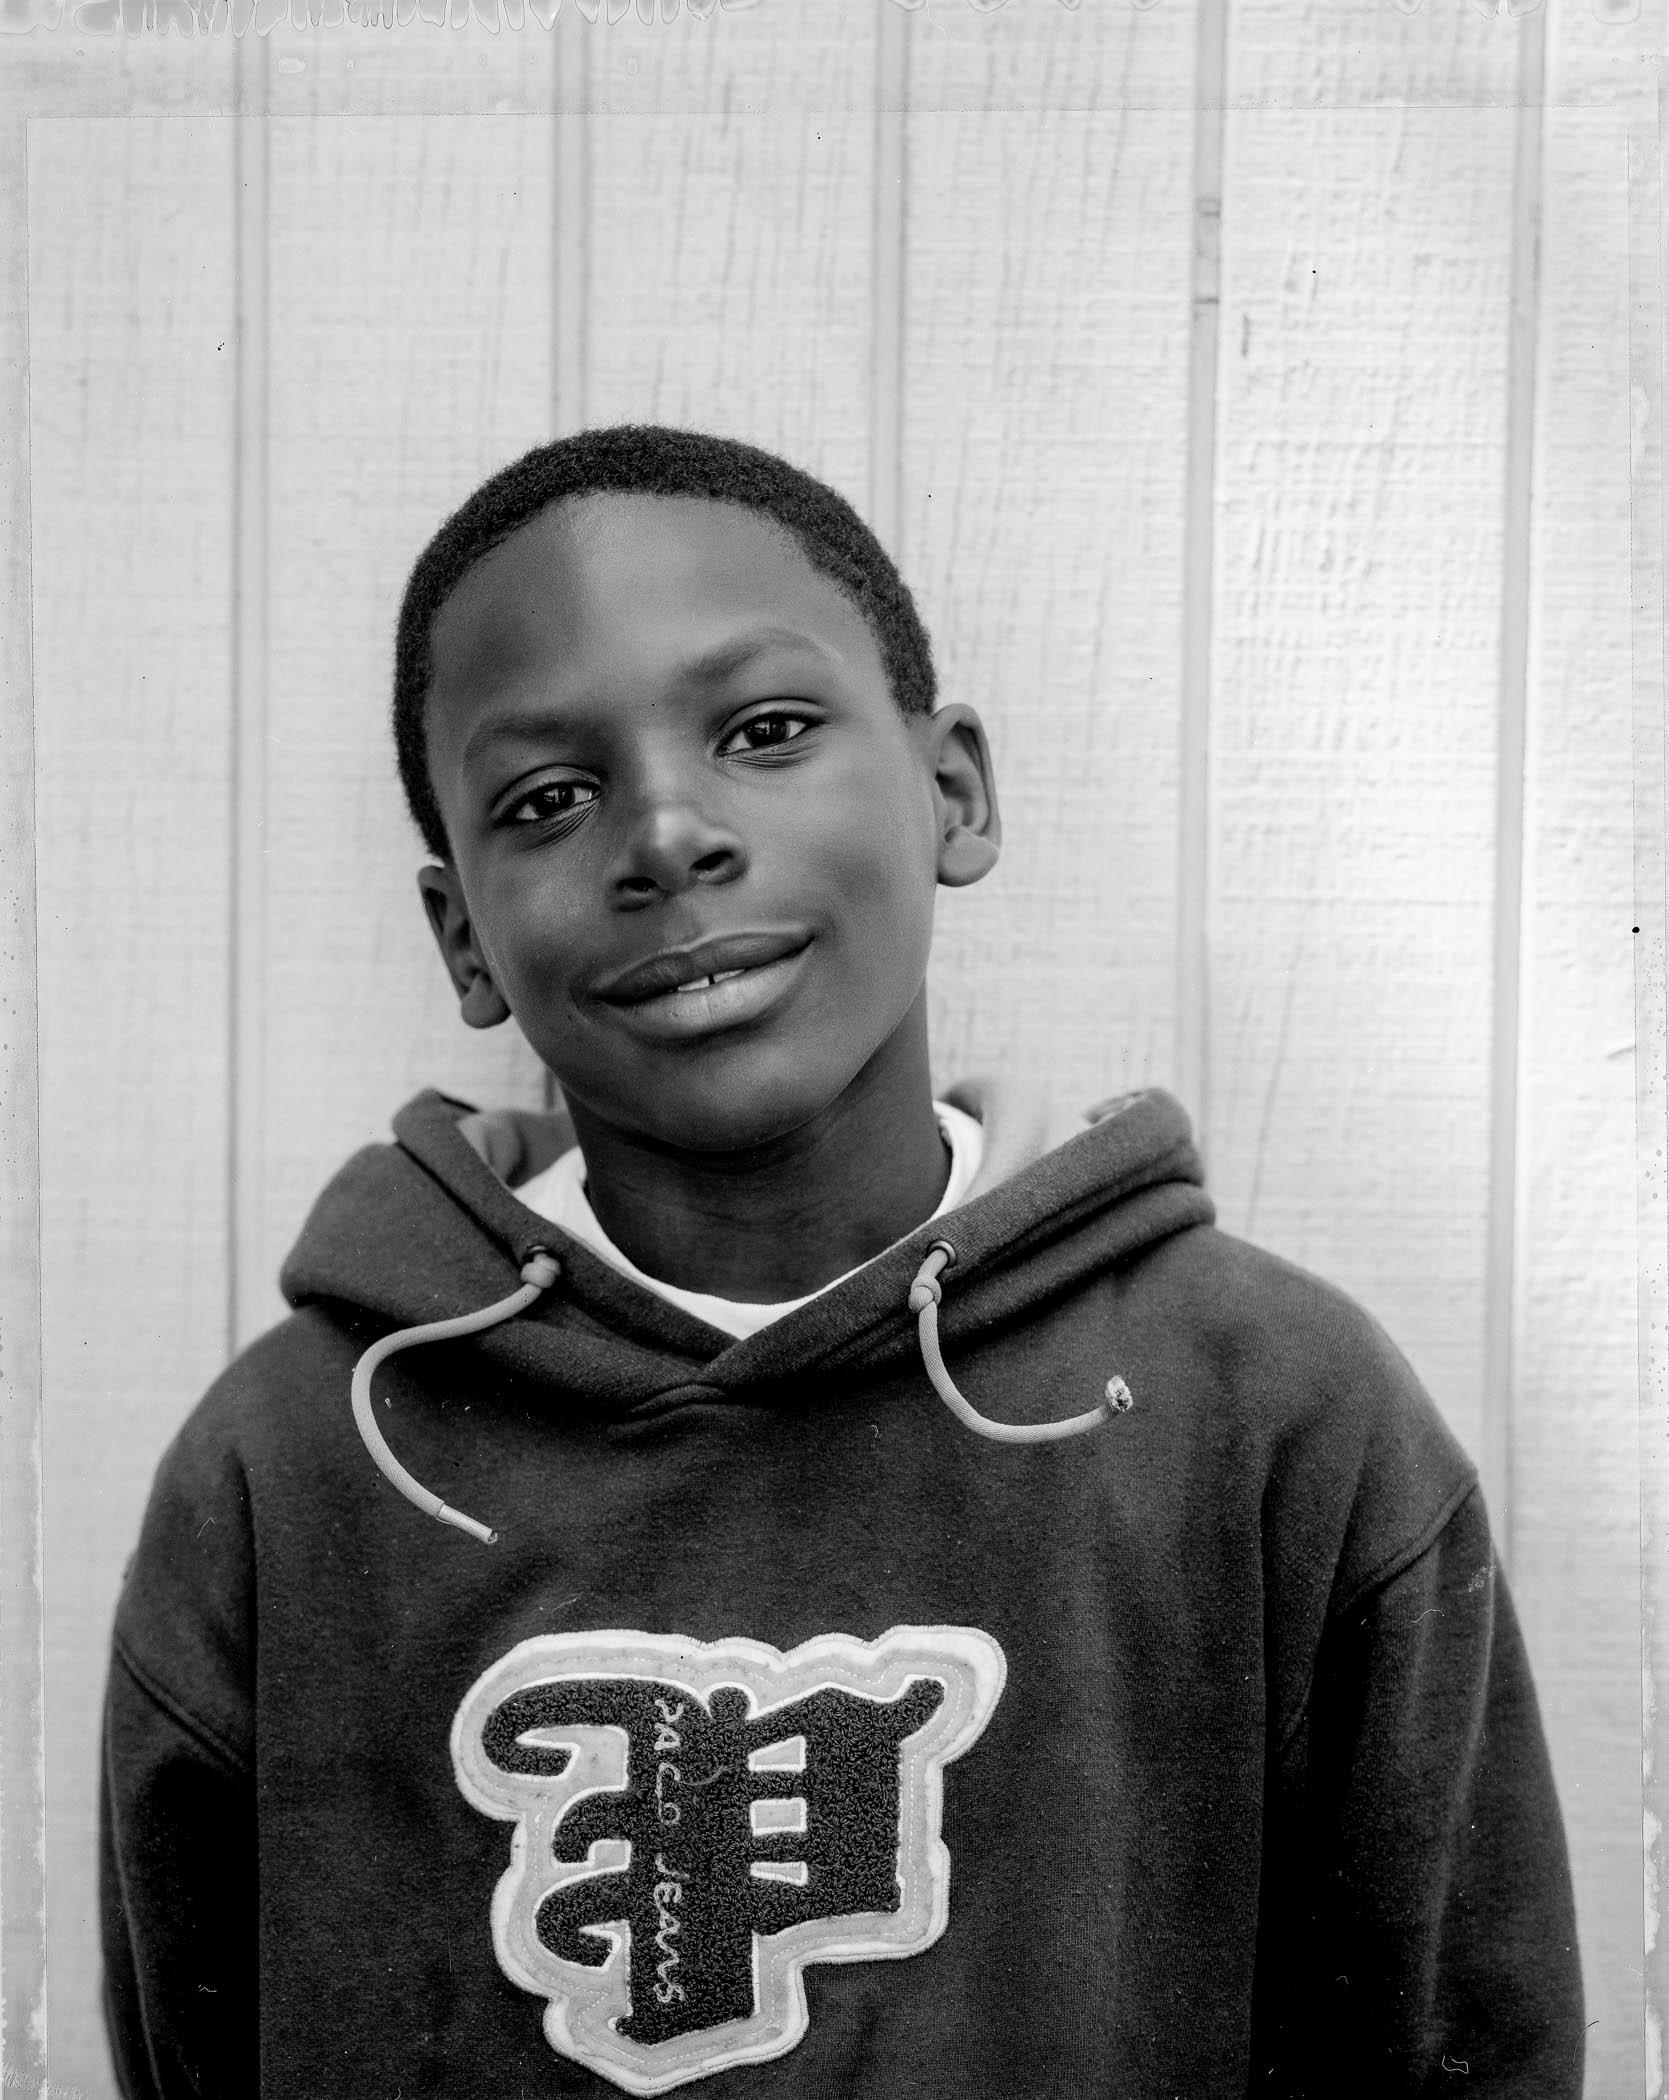 Boy in sweatshirt